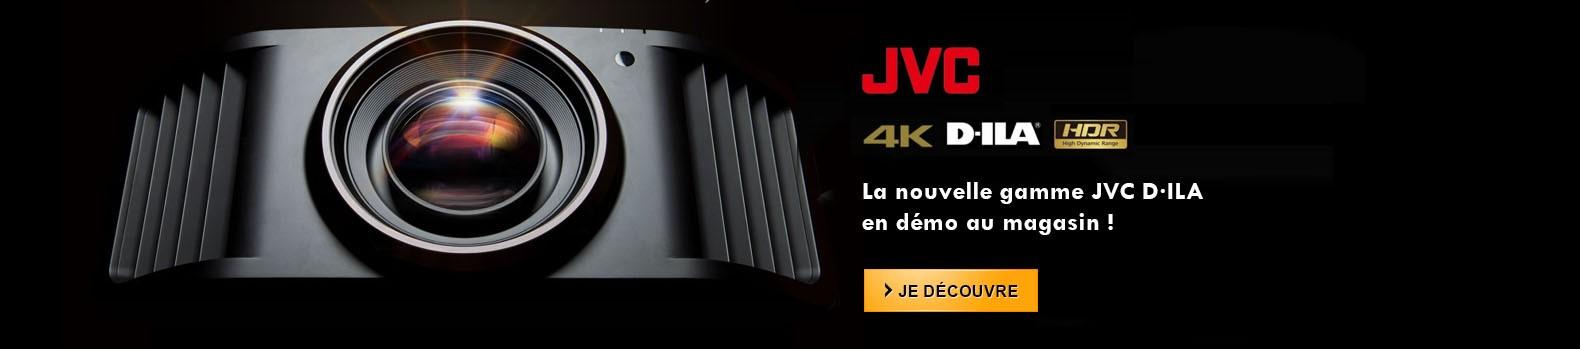 Nouvelle gamme JVC D-ILA en démonstration au showroom